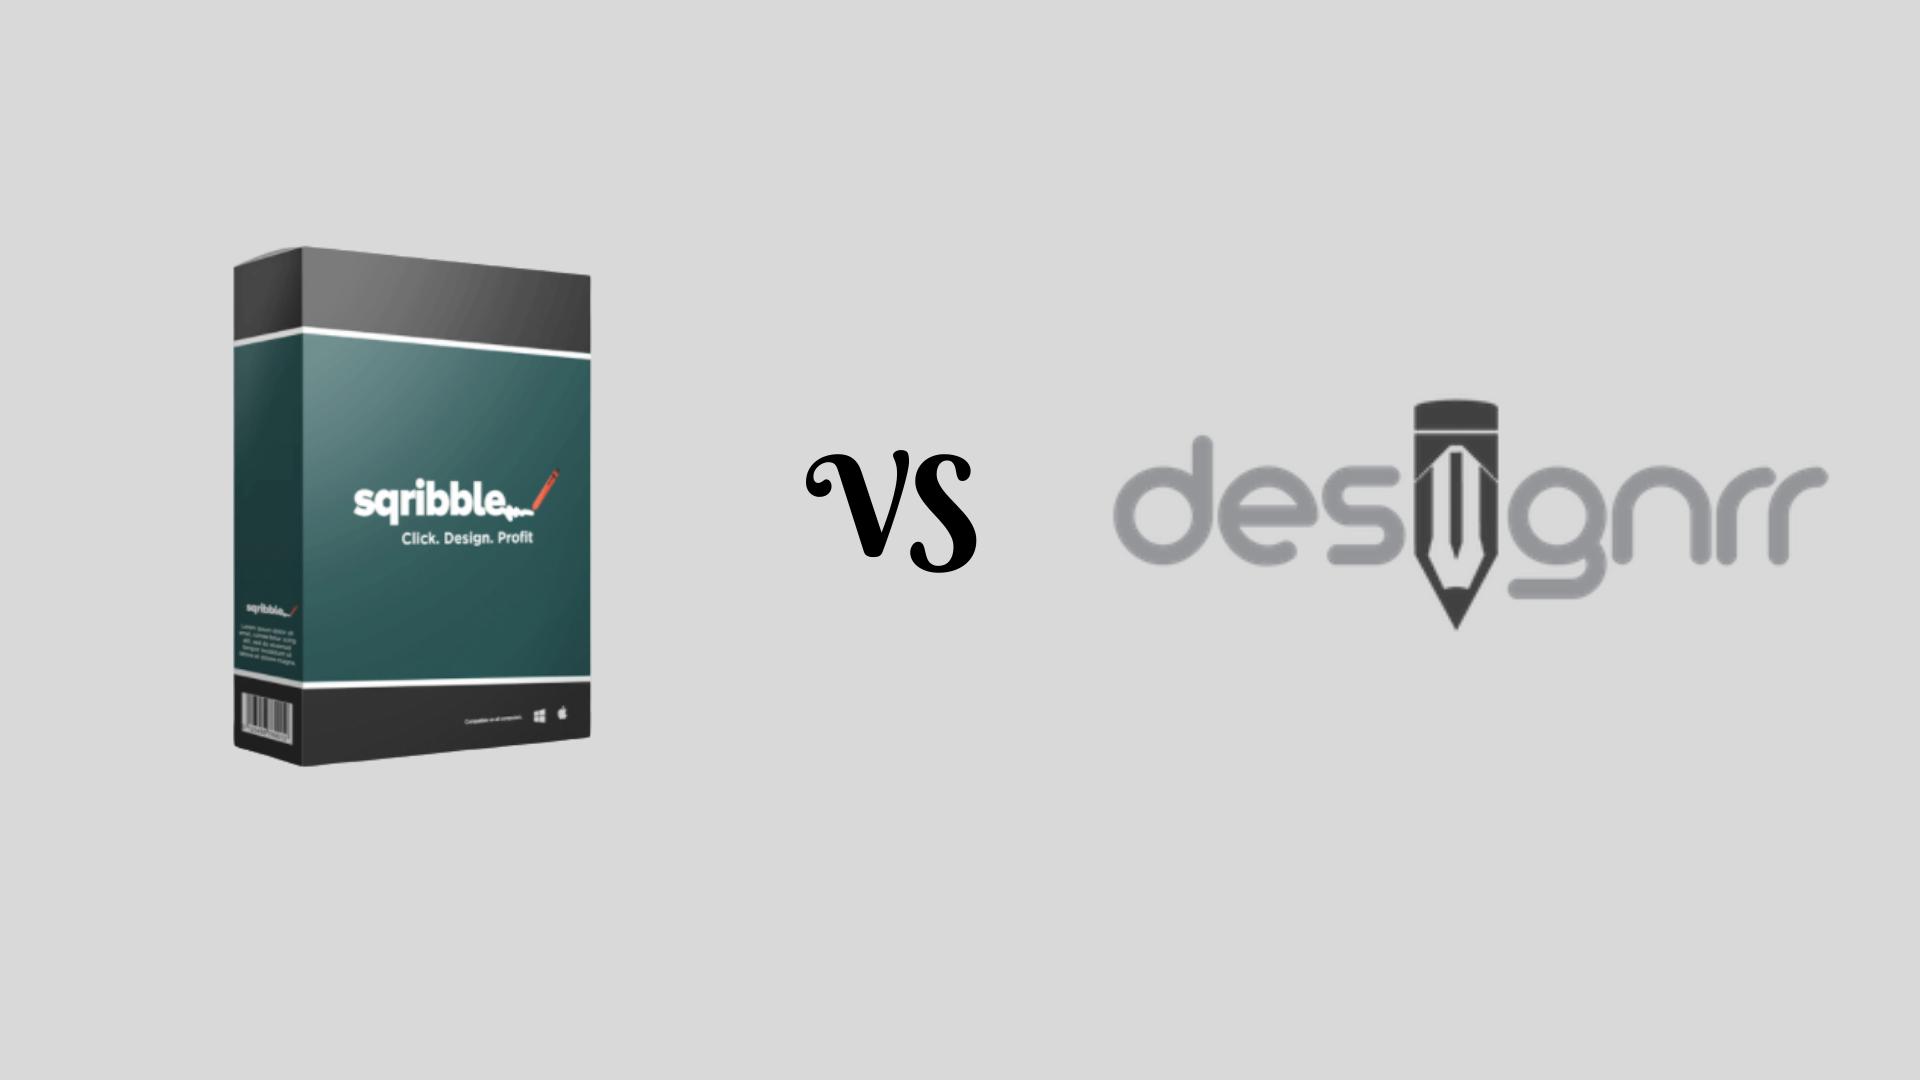 Sqribble vs Desingrr